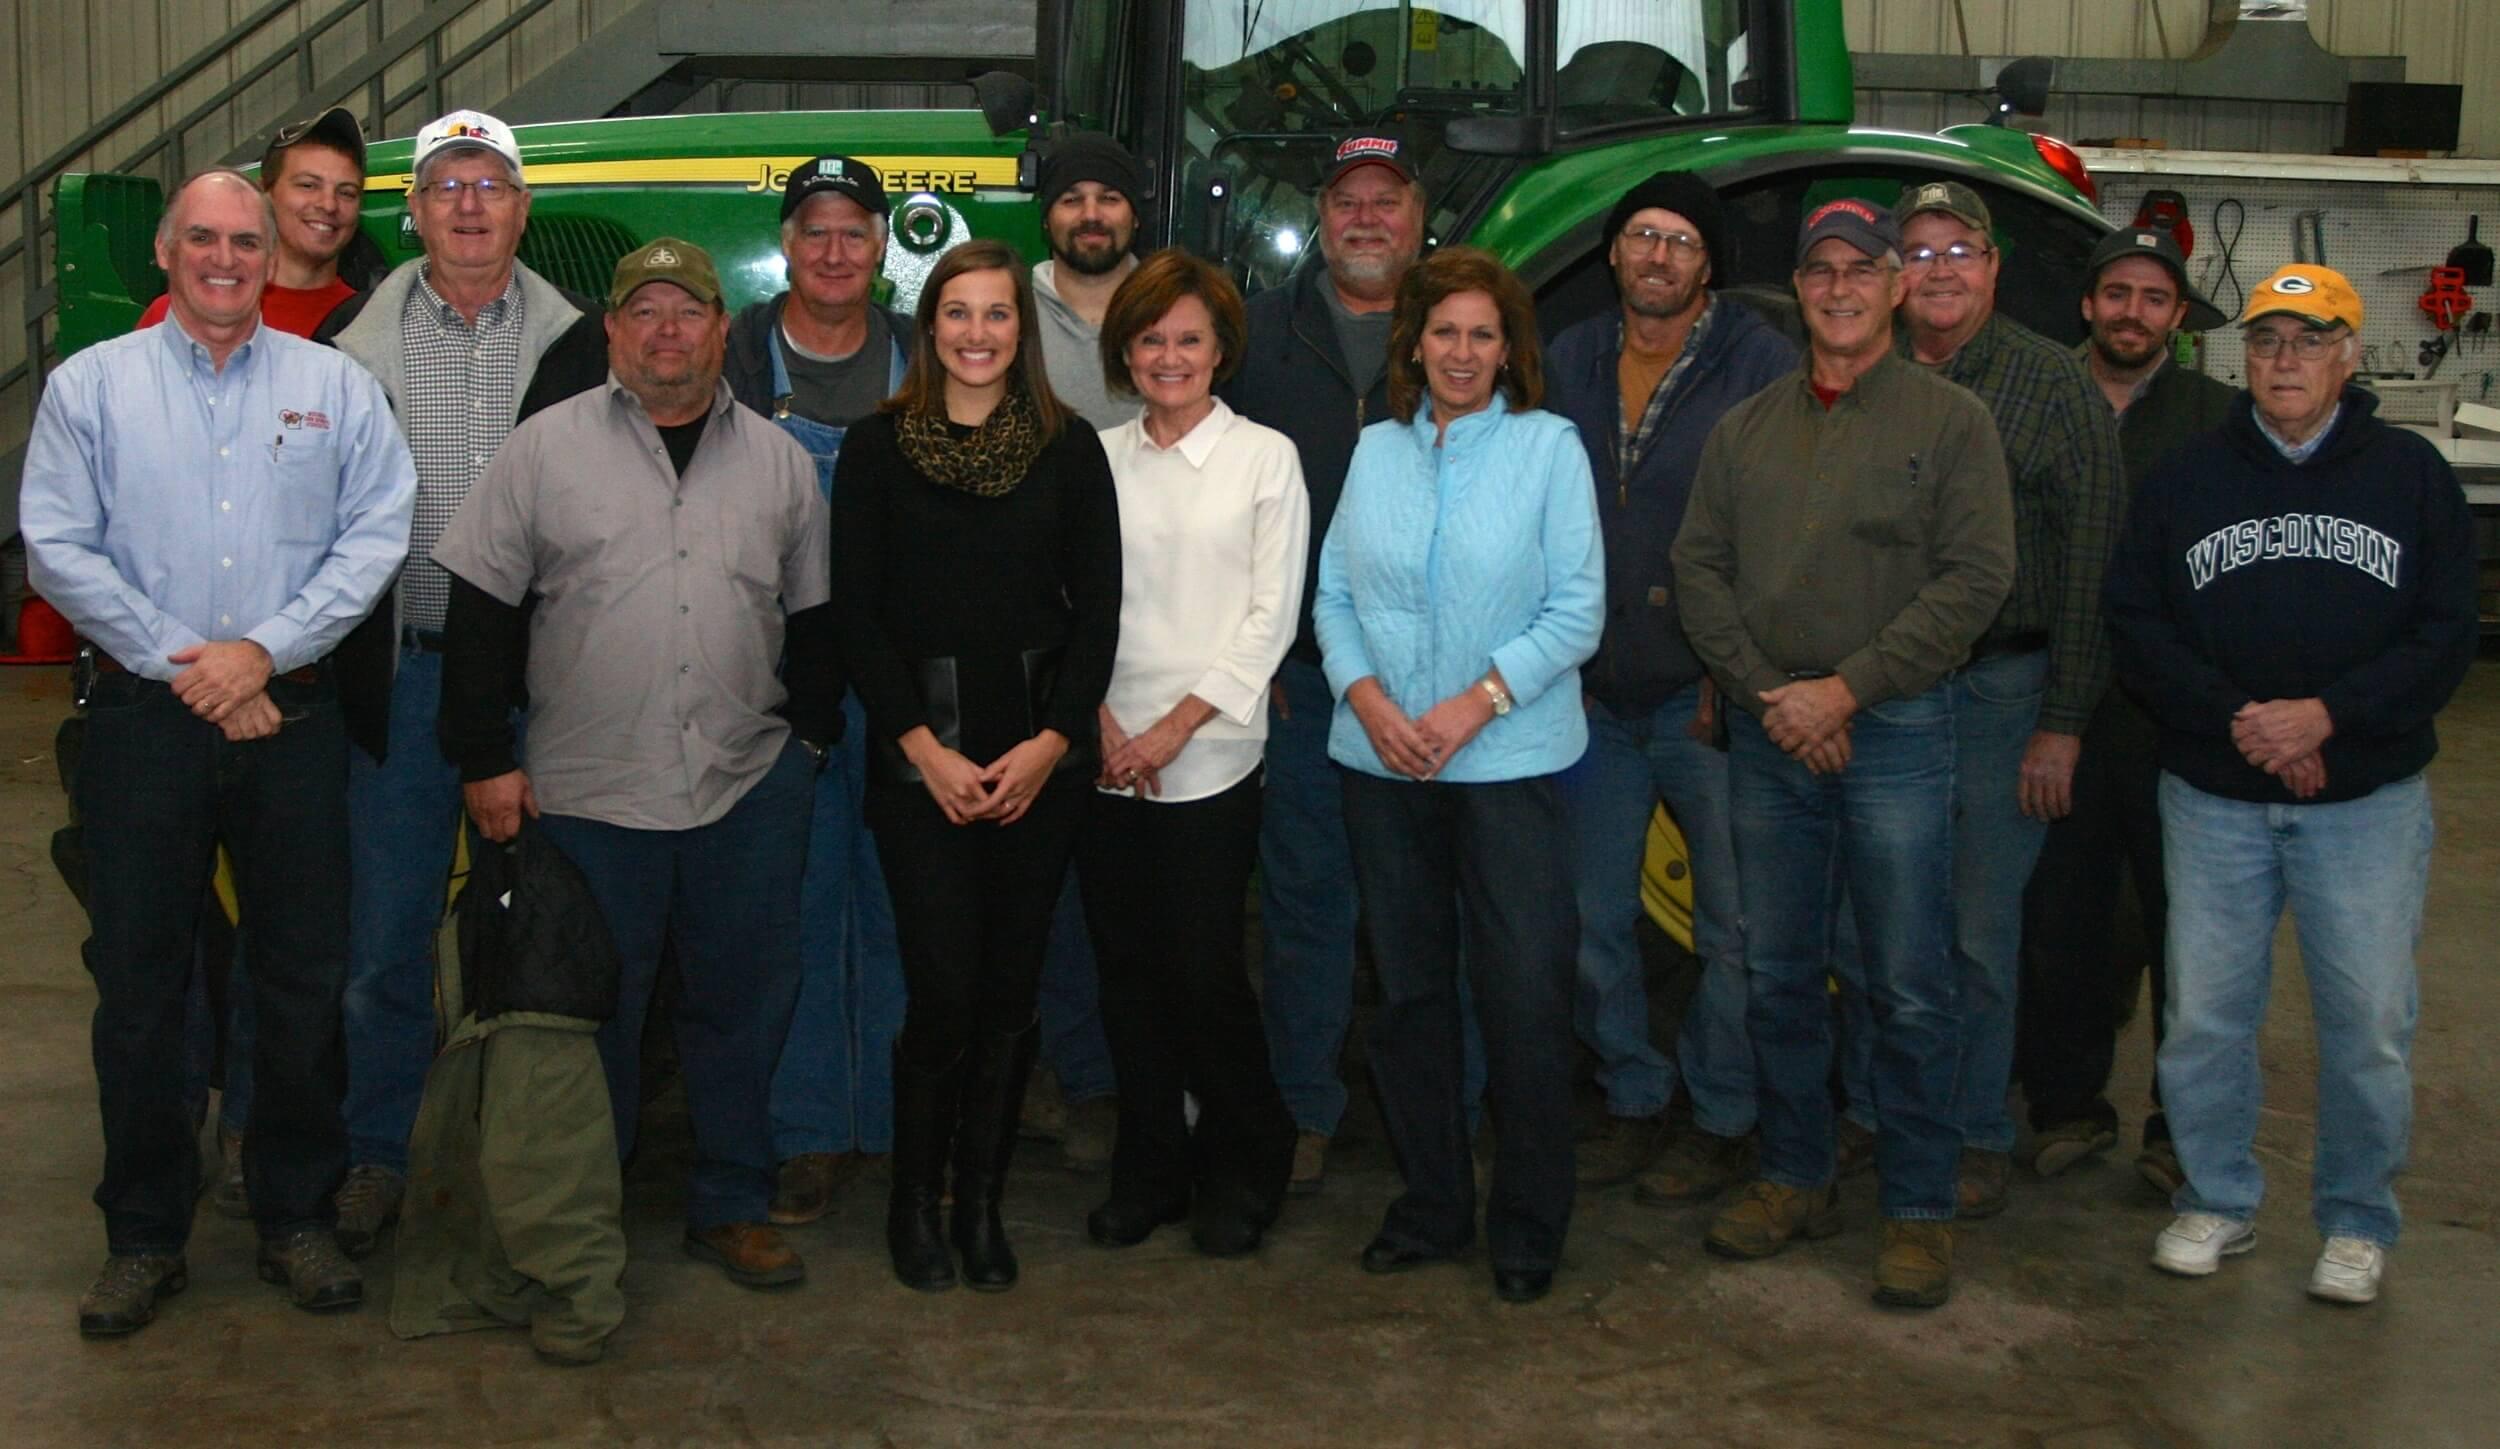 All of us at Hughes Farms